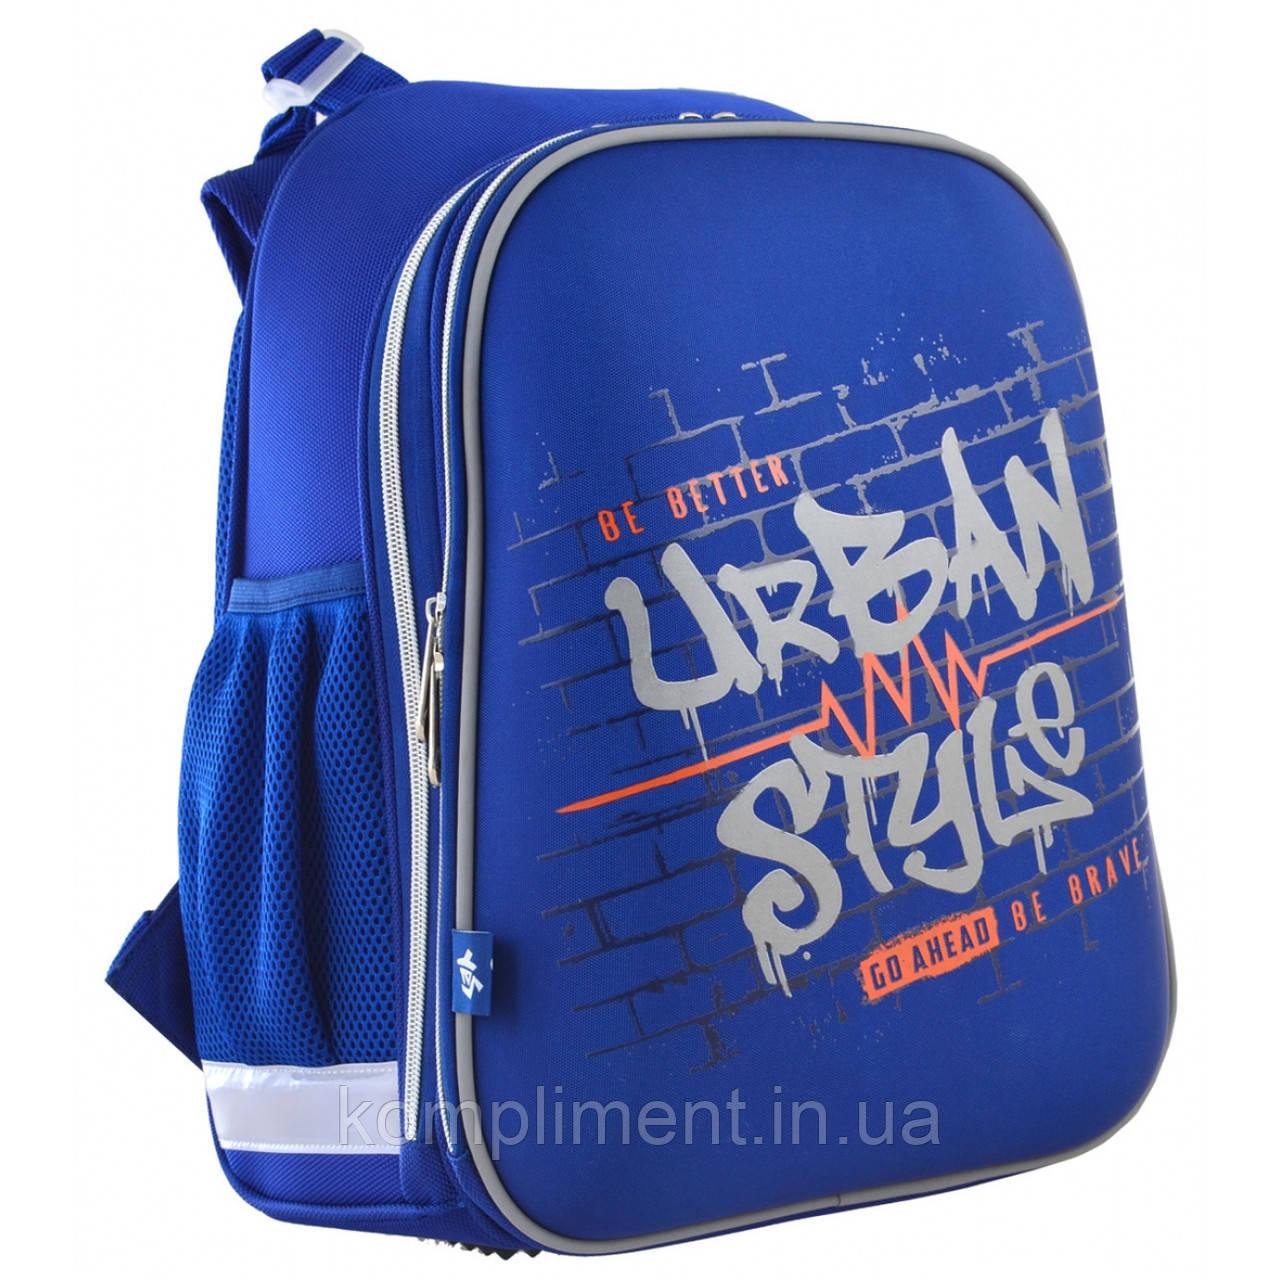 """Рюкзак школьный каркасный ортопедический для мальчика Н-12  """"Urban Style"""""""